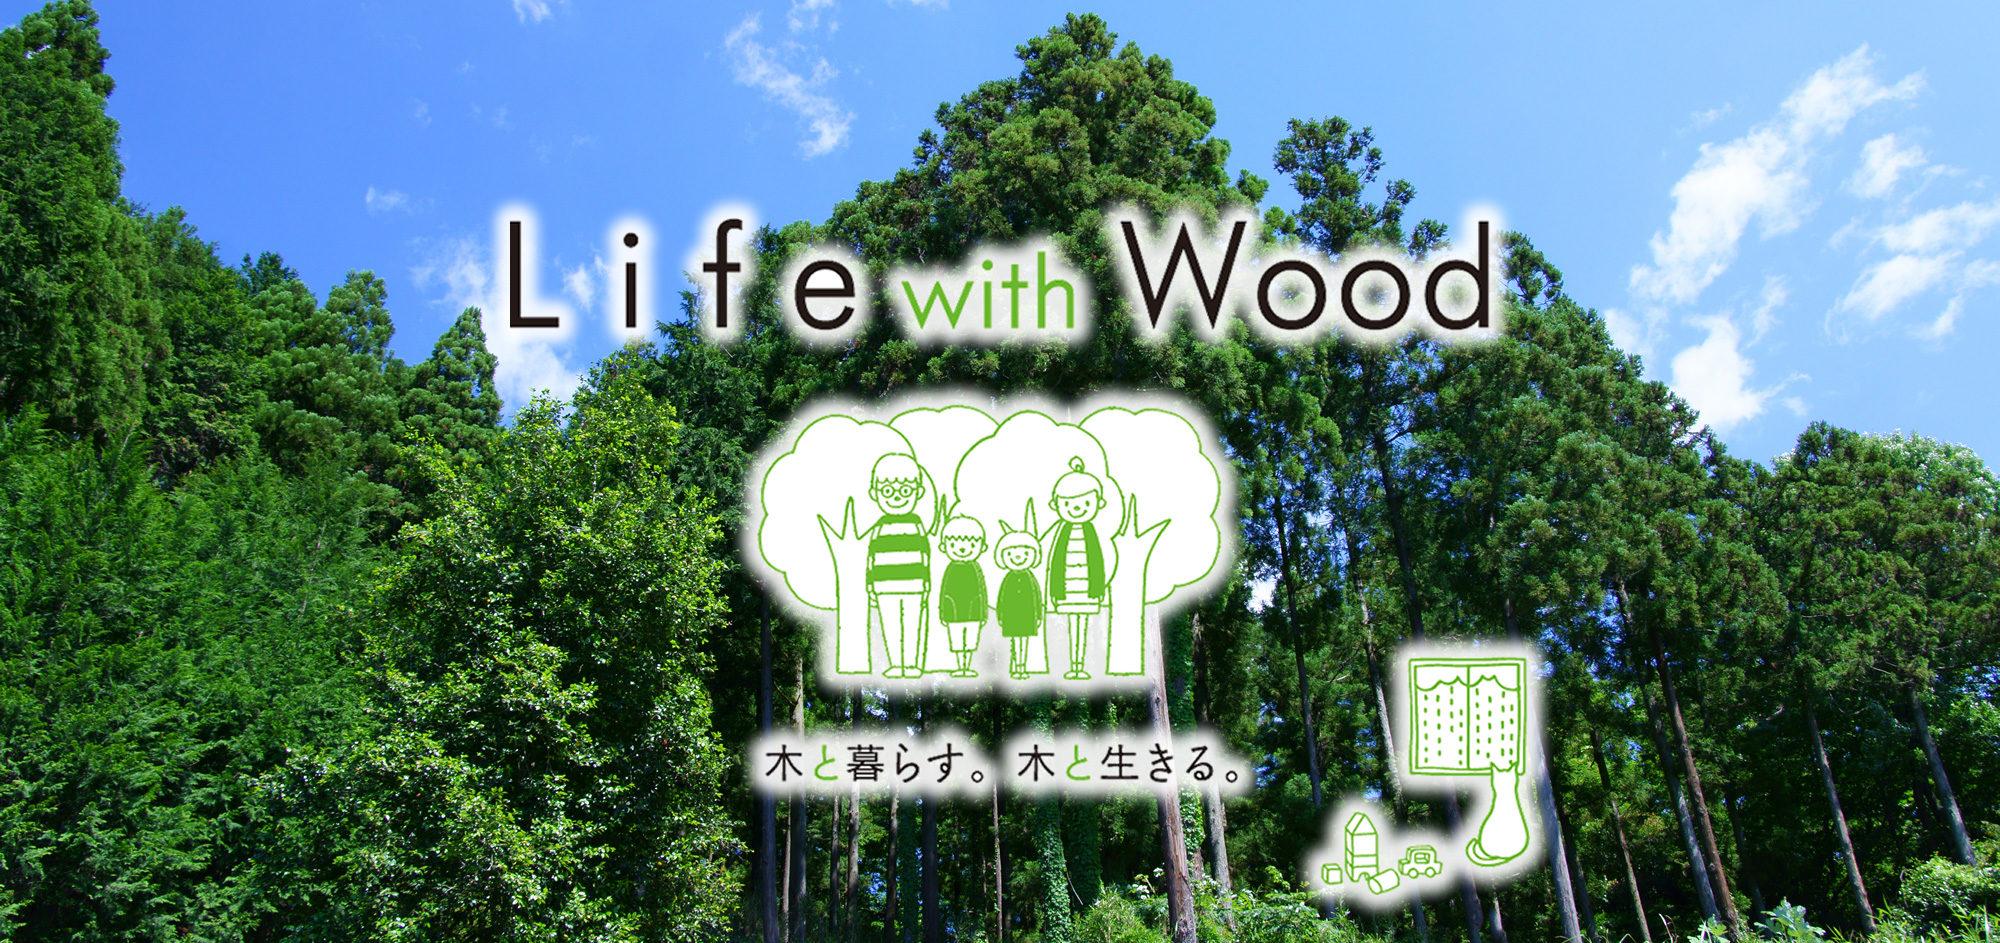 Life with Wood 木と暮らす。木と生きる。